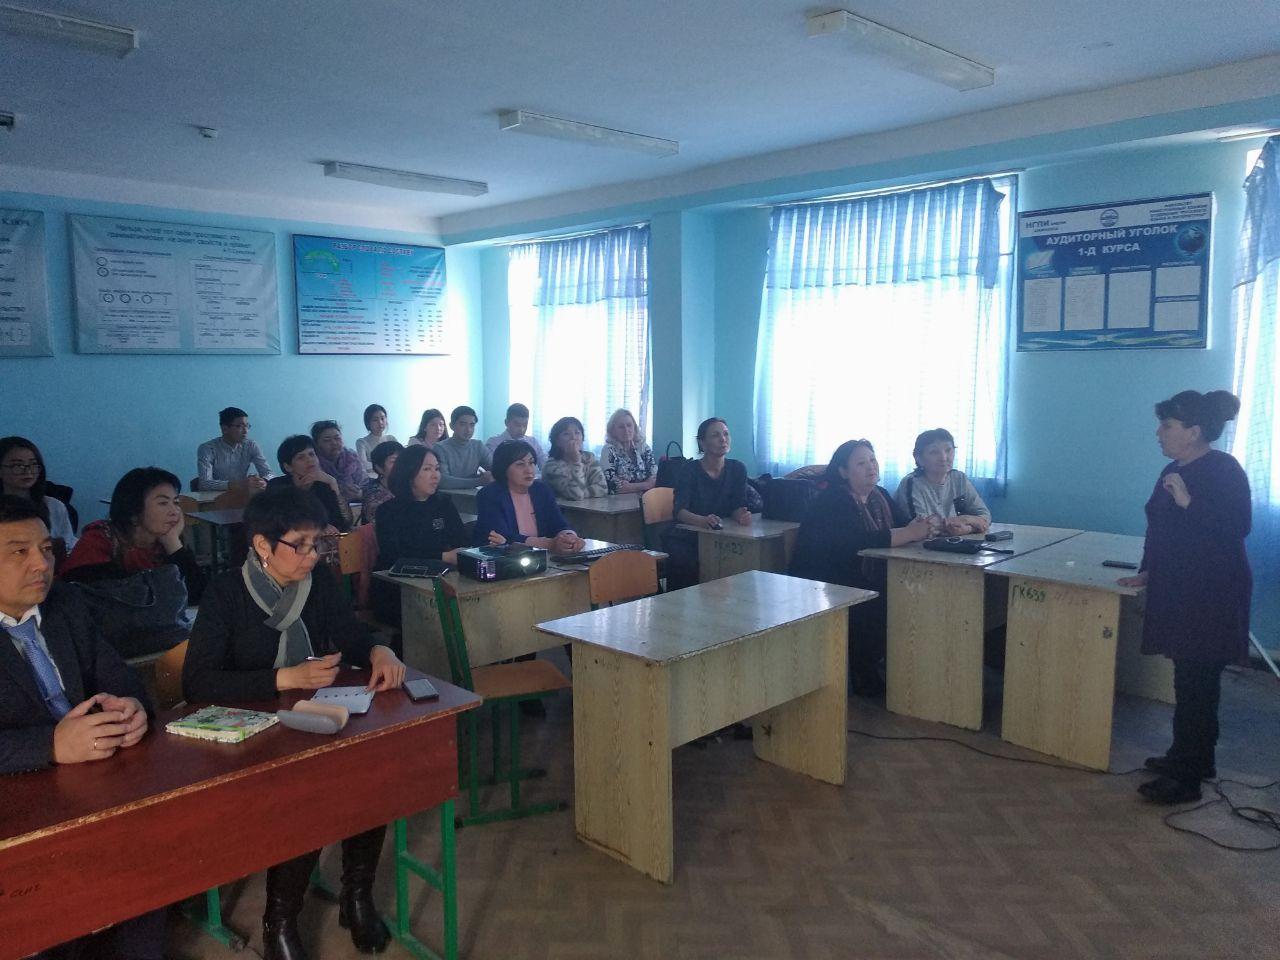 1 38 - 26 февраля 2020 года на факультете Иностранных языков сотрудниками Информационно-ресурсного центра был проведен семинар по использования международных баз Scopus, ScienceDirect, Mendeley компании Elsevier